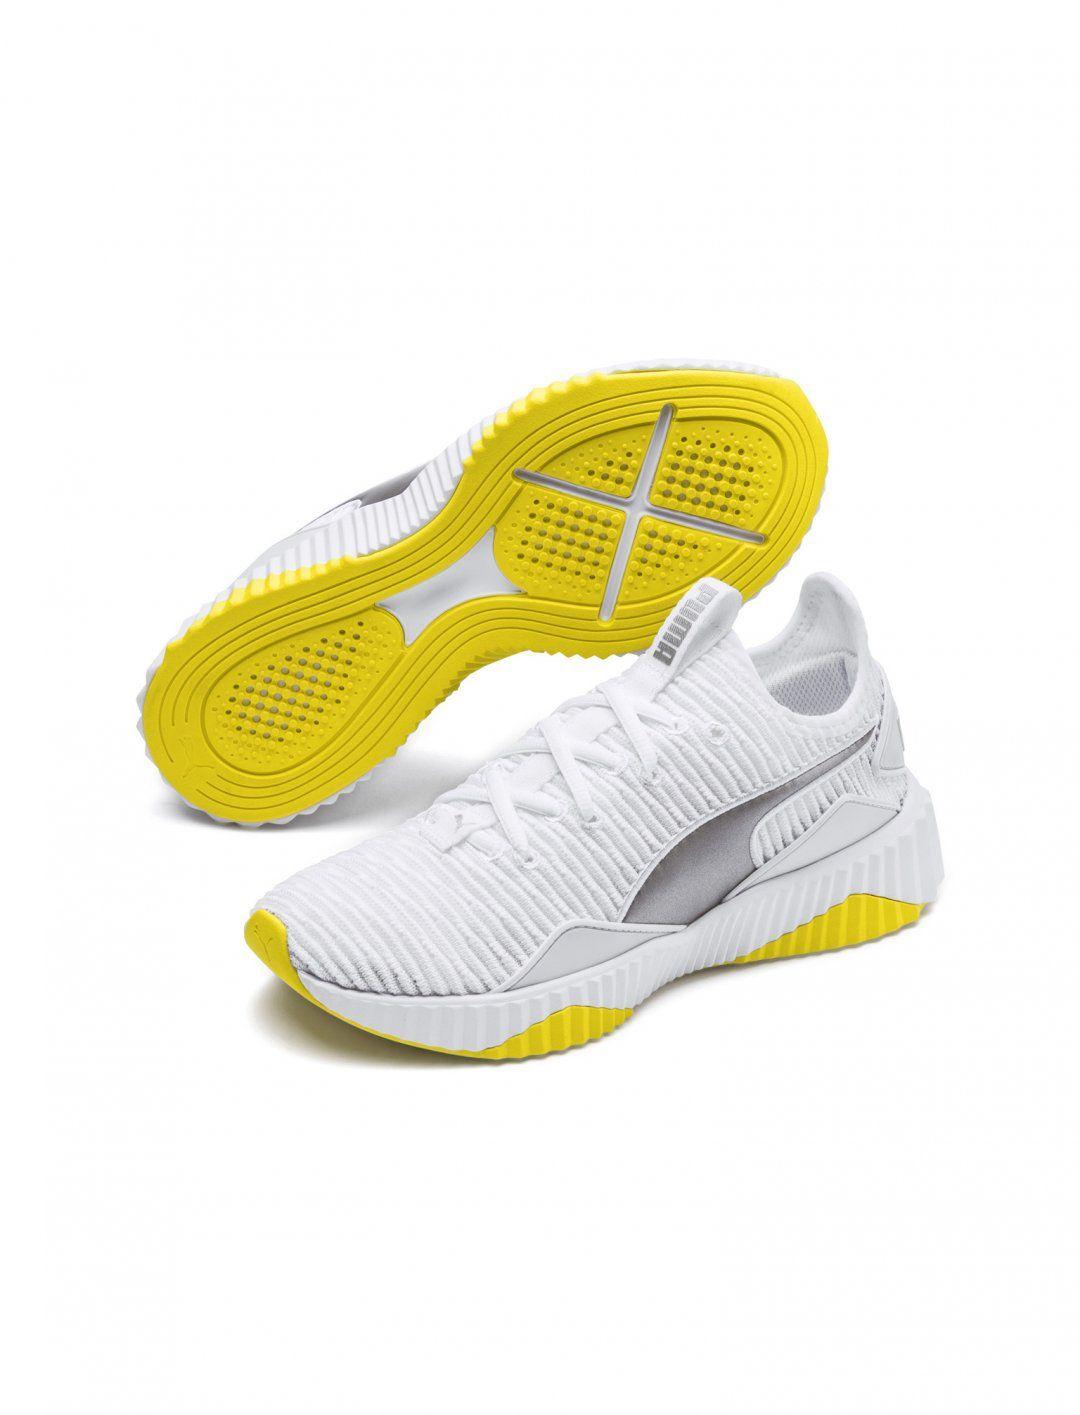 c1a101d9b19 Trending - TrendingDEFY TZ Sneakers - Puma x Selena Gomez Victorian Era